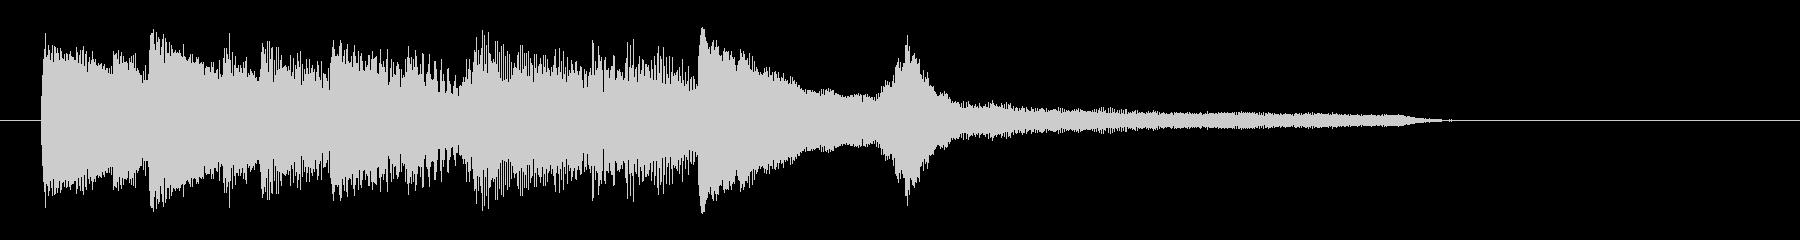 シンプルで美しいピアノのジングルの未再生の波形